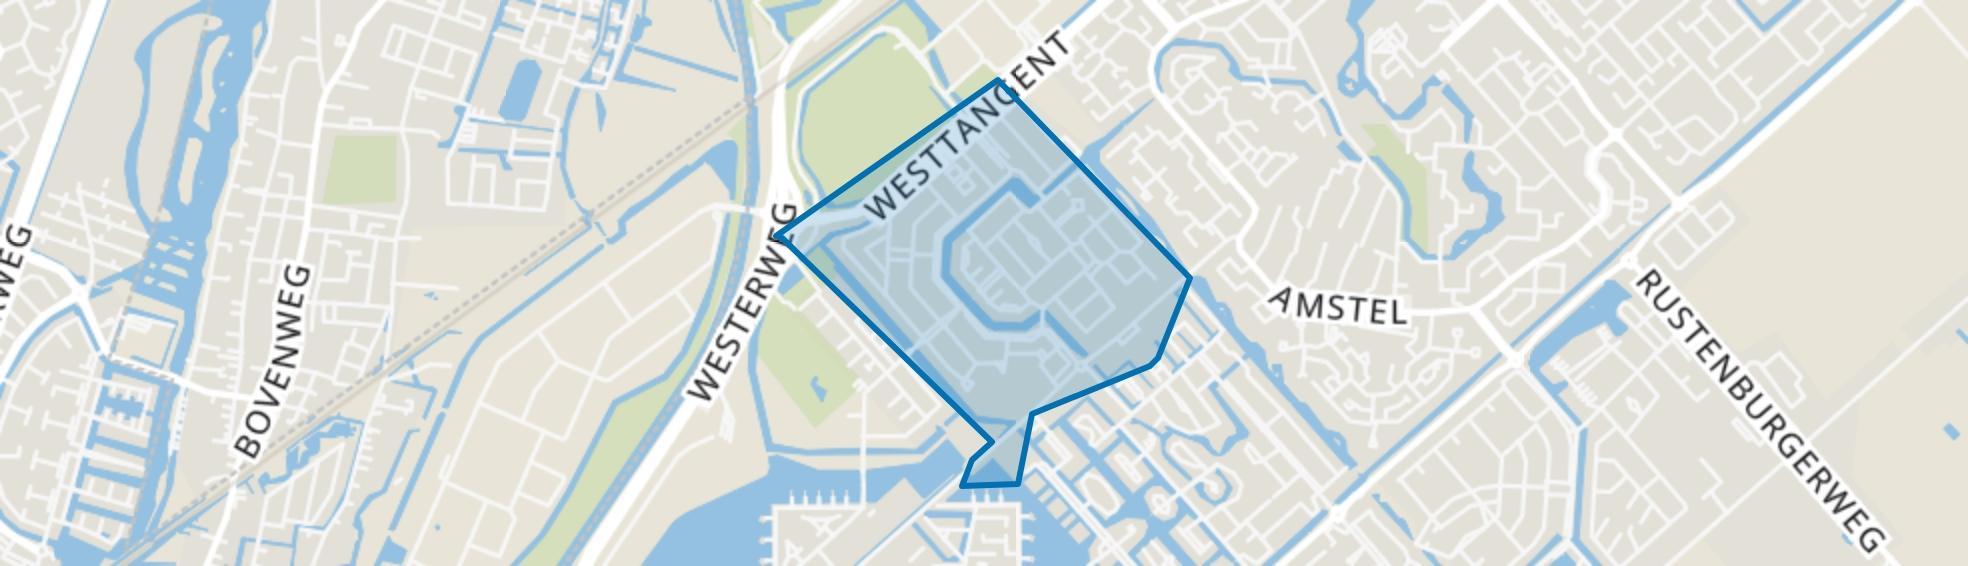 Butterhuizen 1, Heerhugowaard map